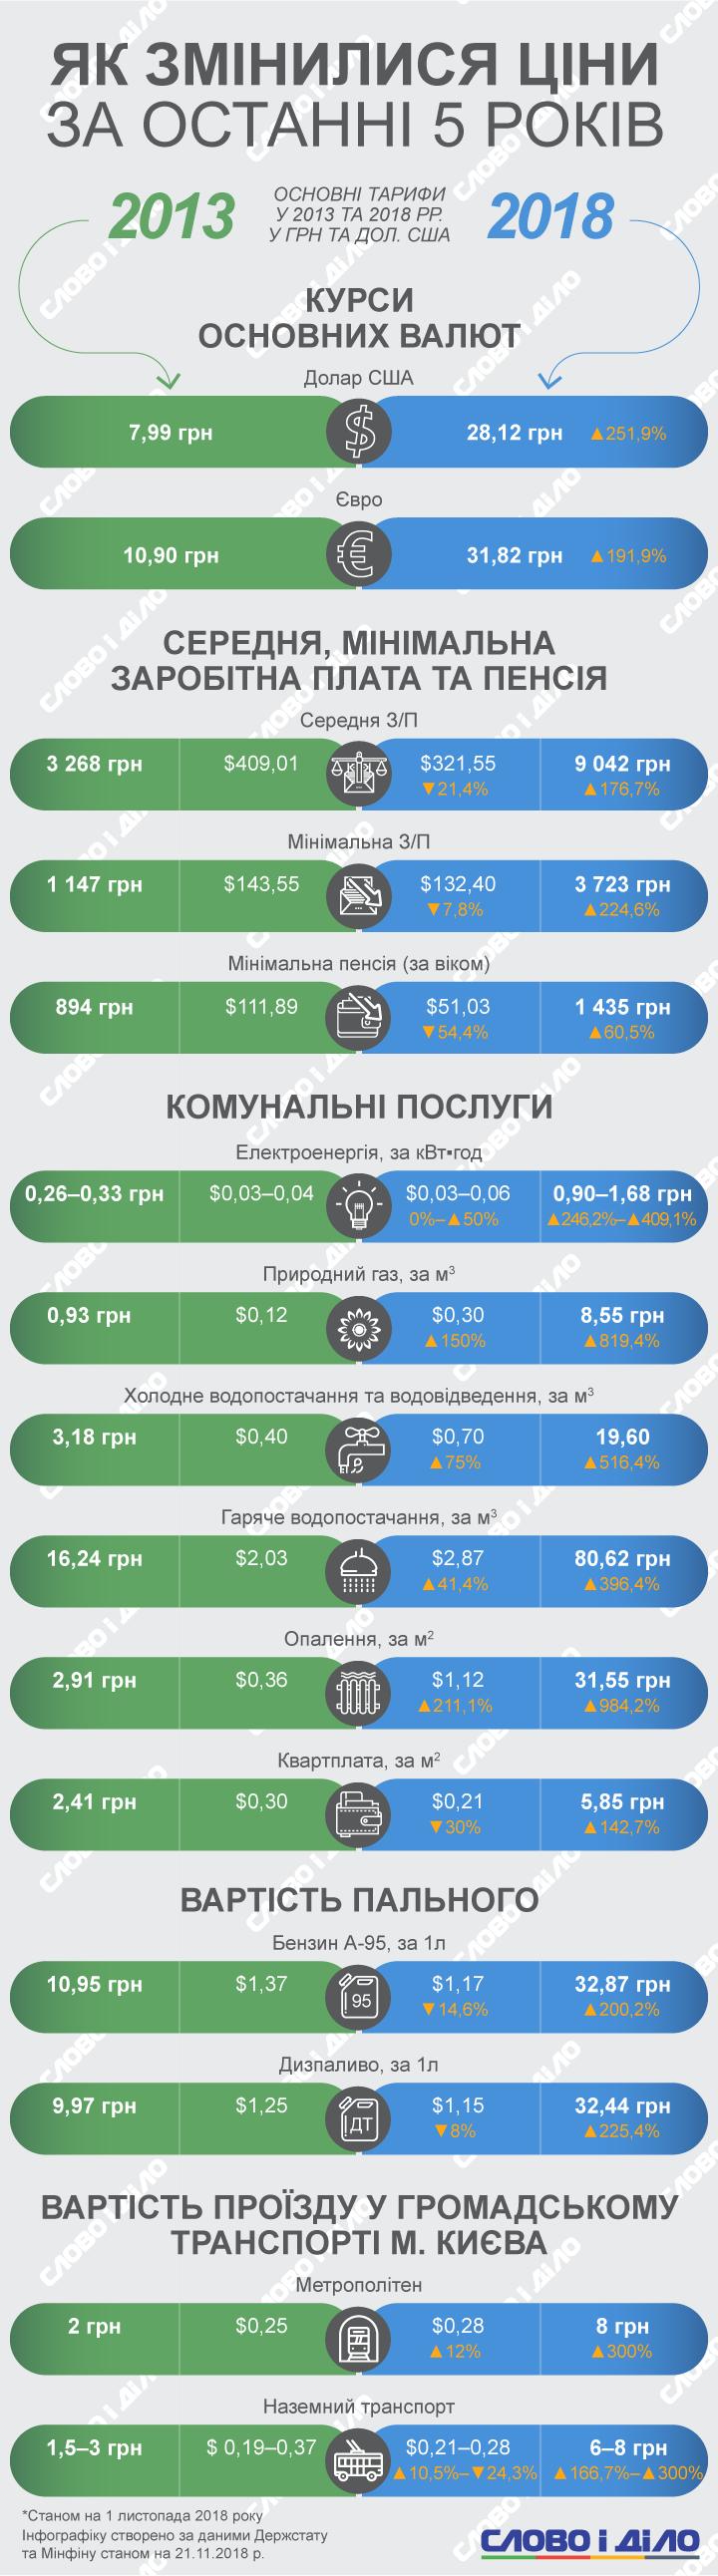 Как в Украине изменились цены на продукты питания за последние 5 лет